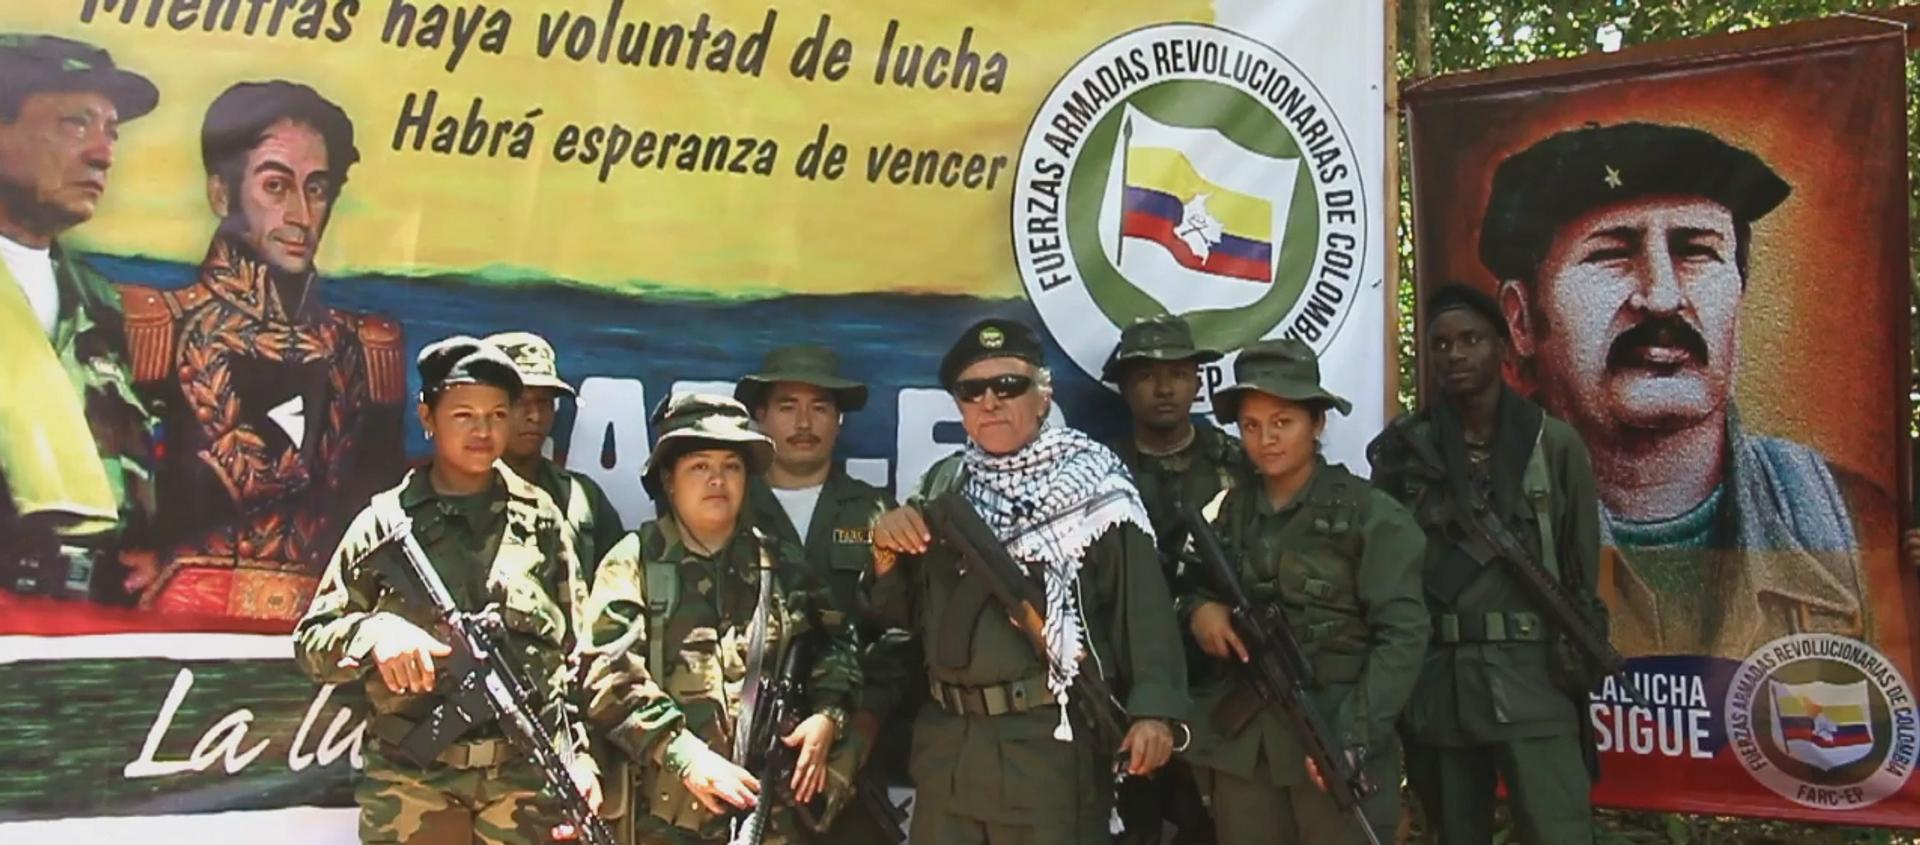 El líder de las FARC Jesús Santrich ofrece una nueva declaración el 31 de agosto de 2019 - Sputnik Mundo, 1920, 01.09.2019